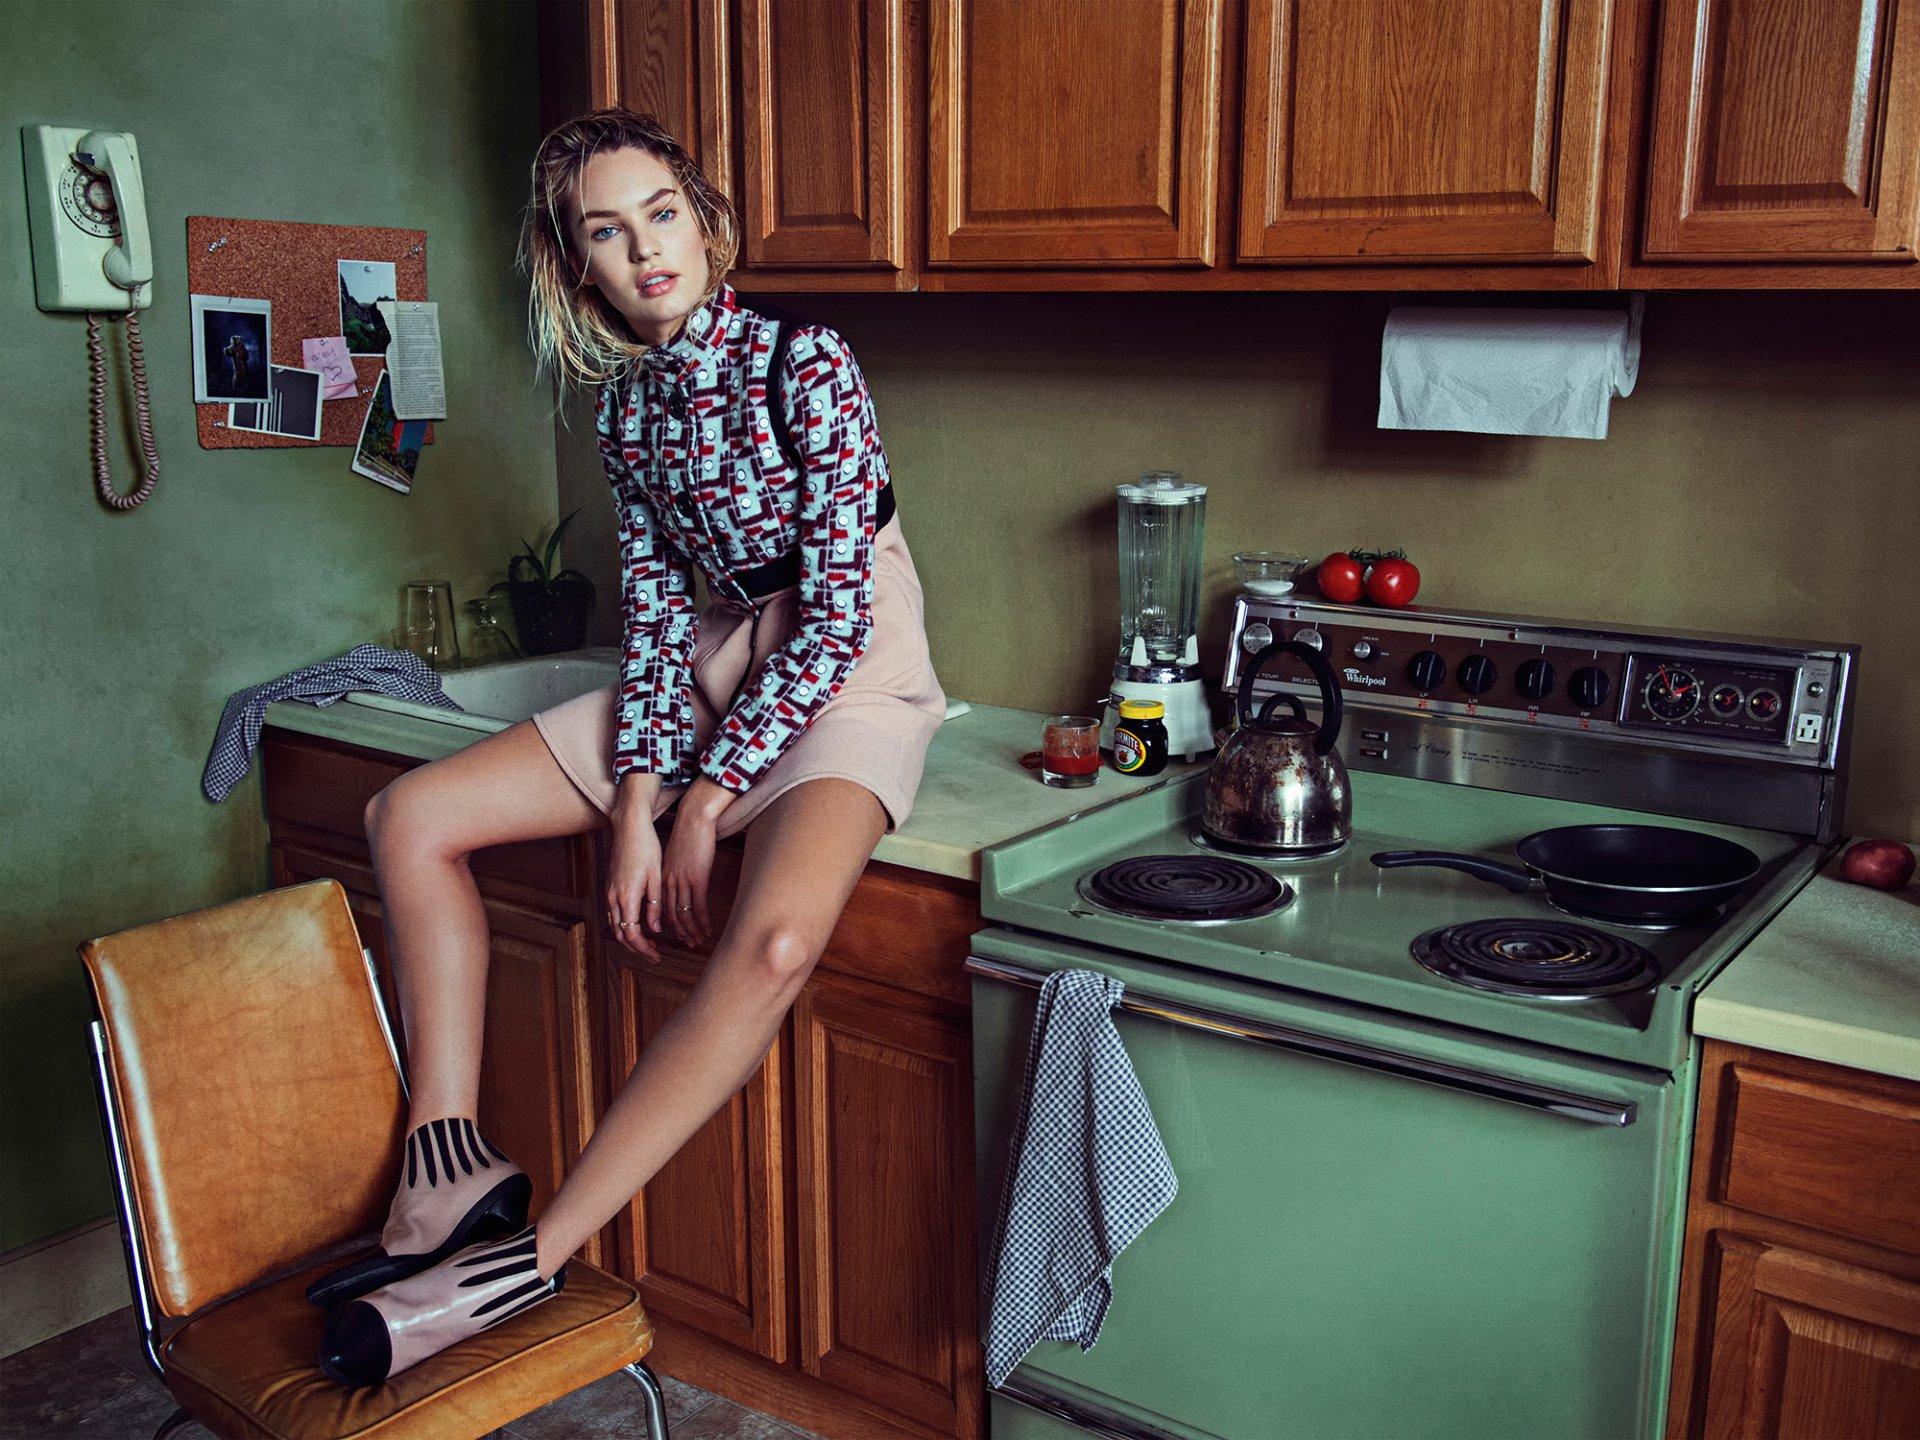 Разделась на кухни фото, Восхитительная девушка на кухне 19 фотография